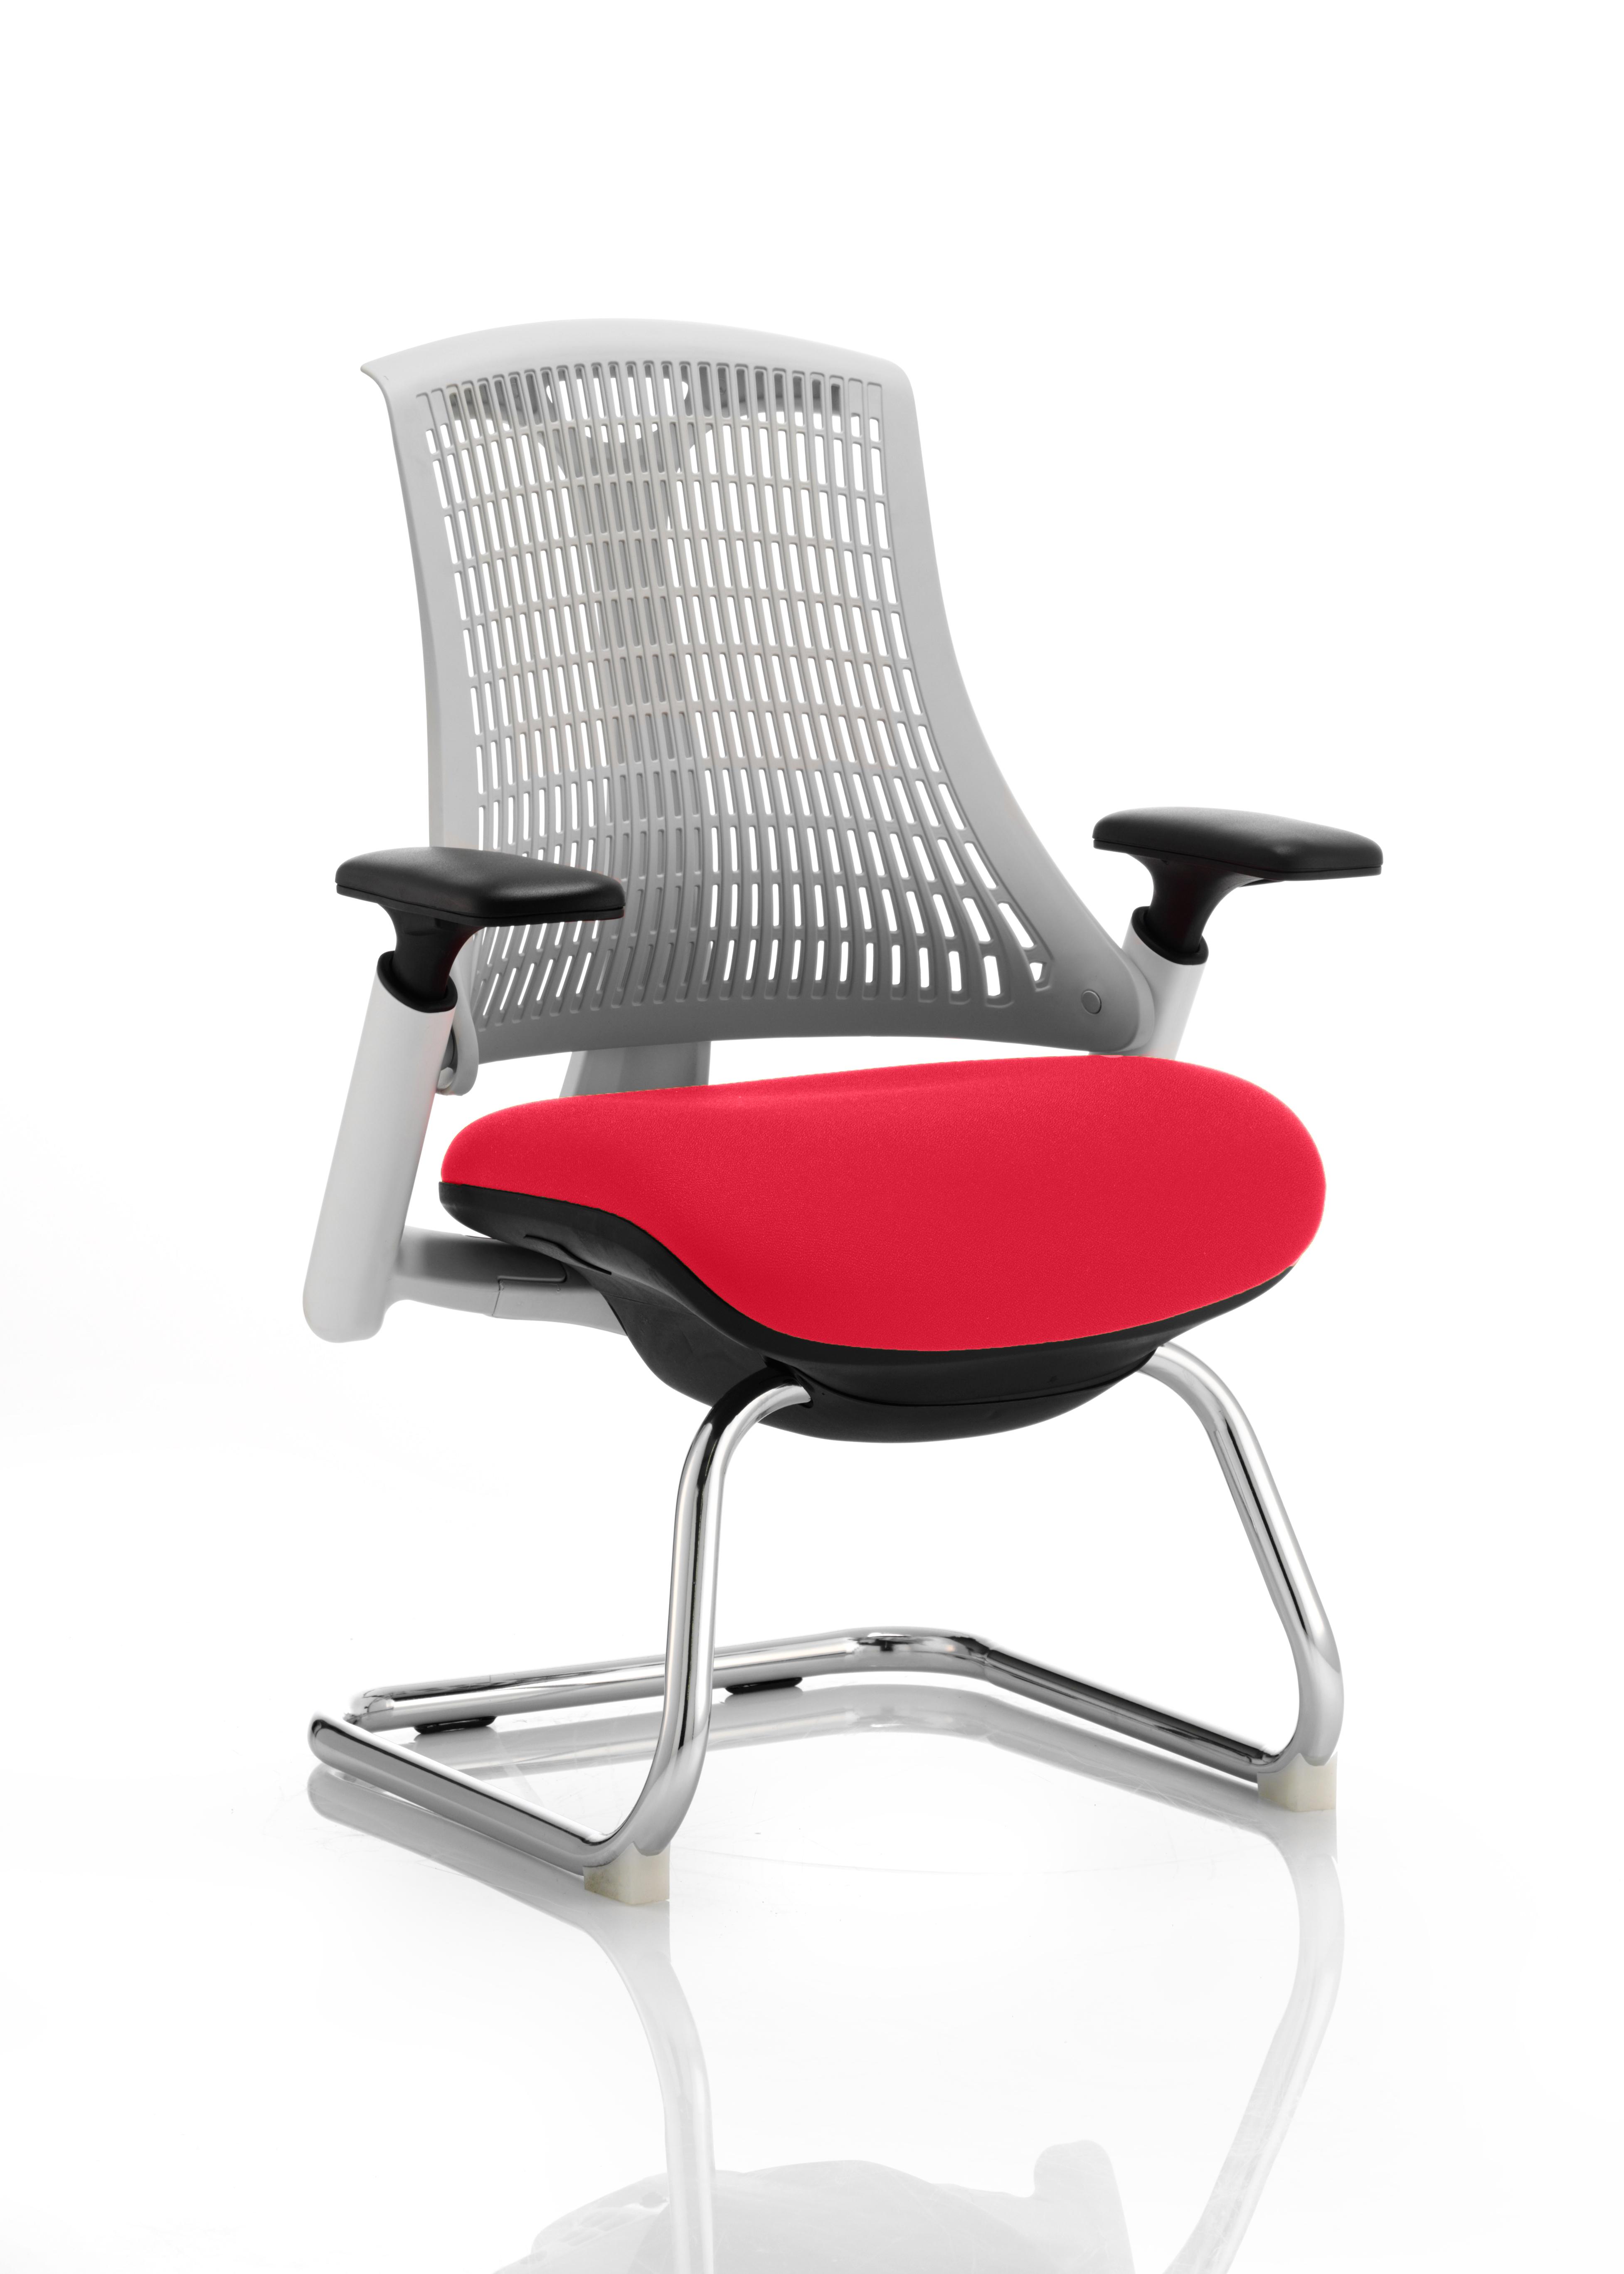 Flex Cantilever Chair White Frame White Back Bespoke Colour Seat Bergamot Cherry